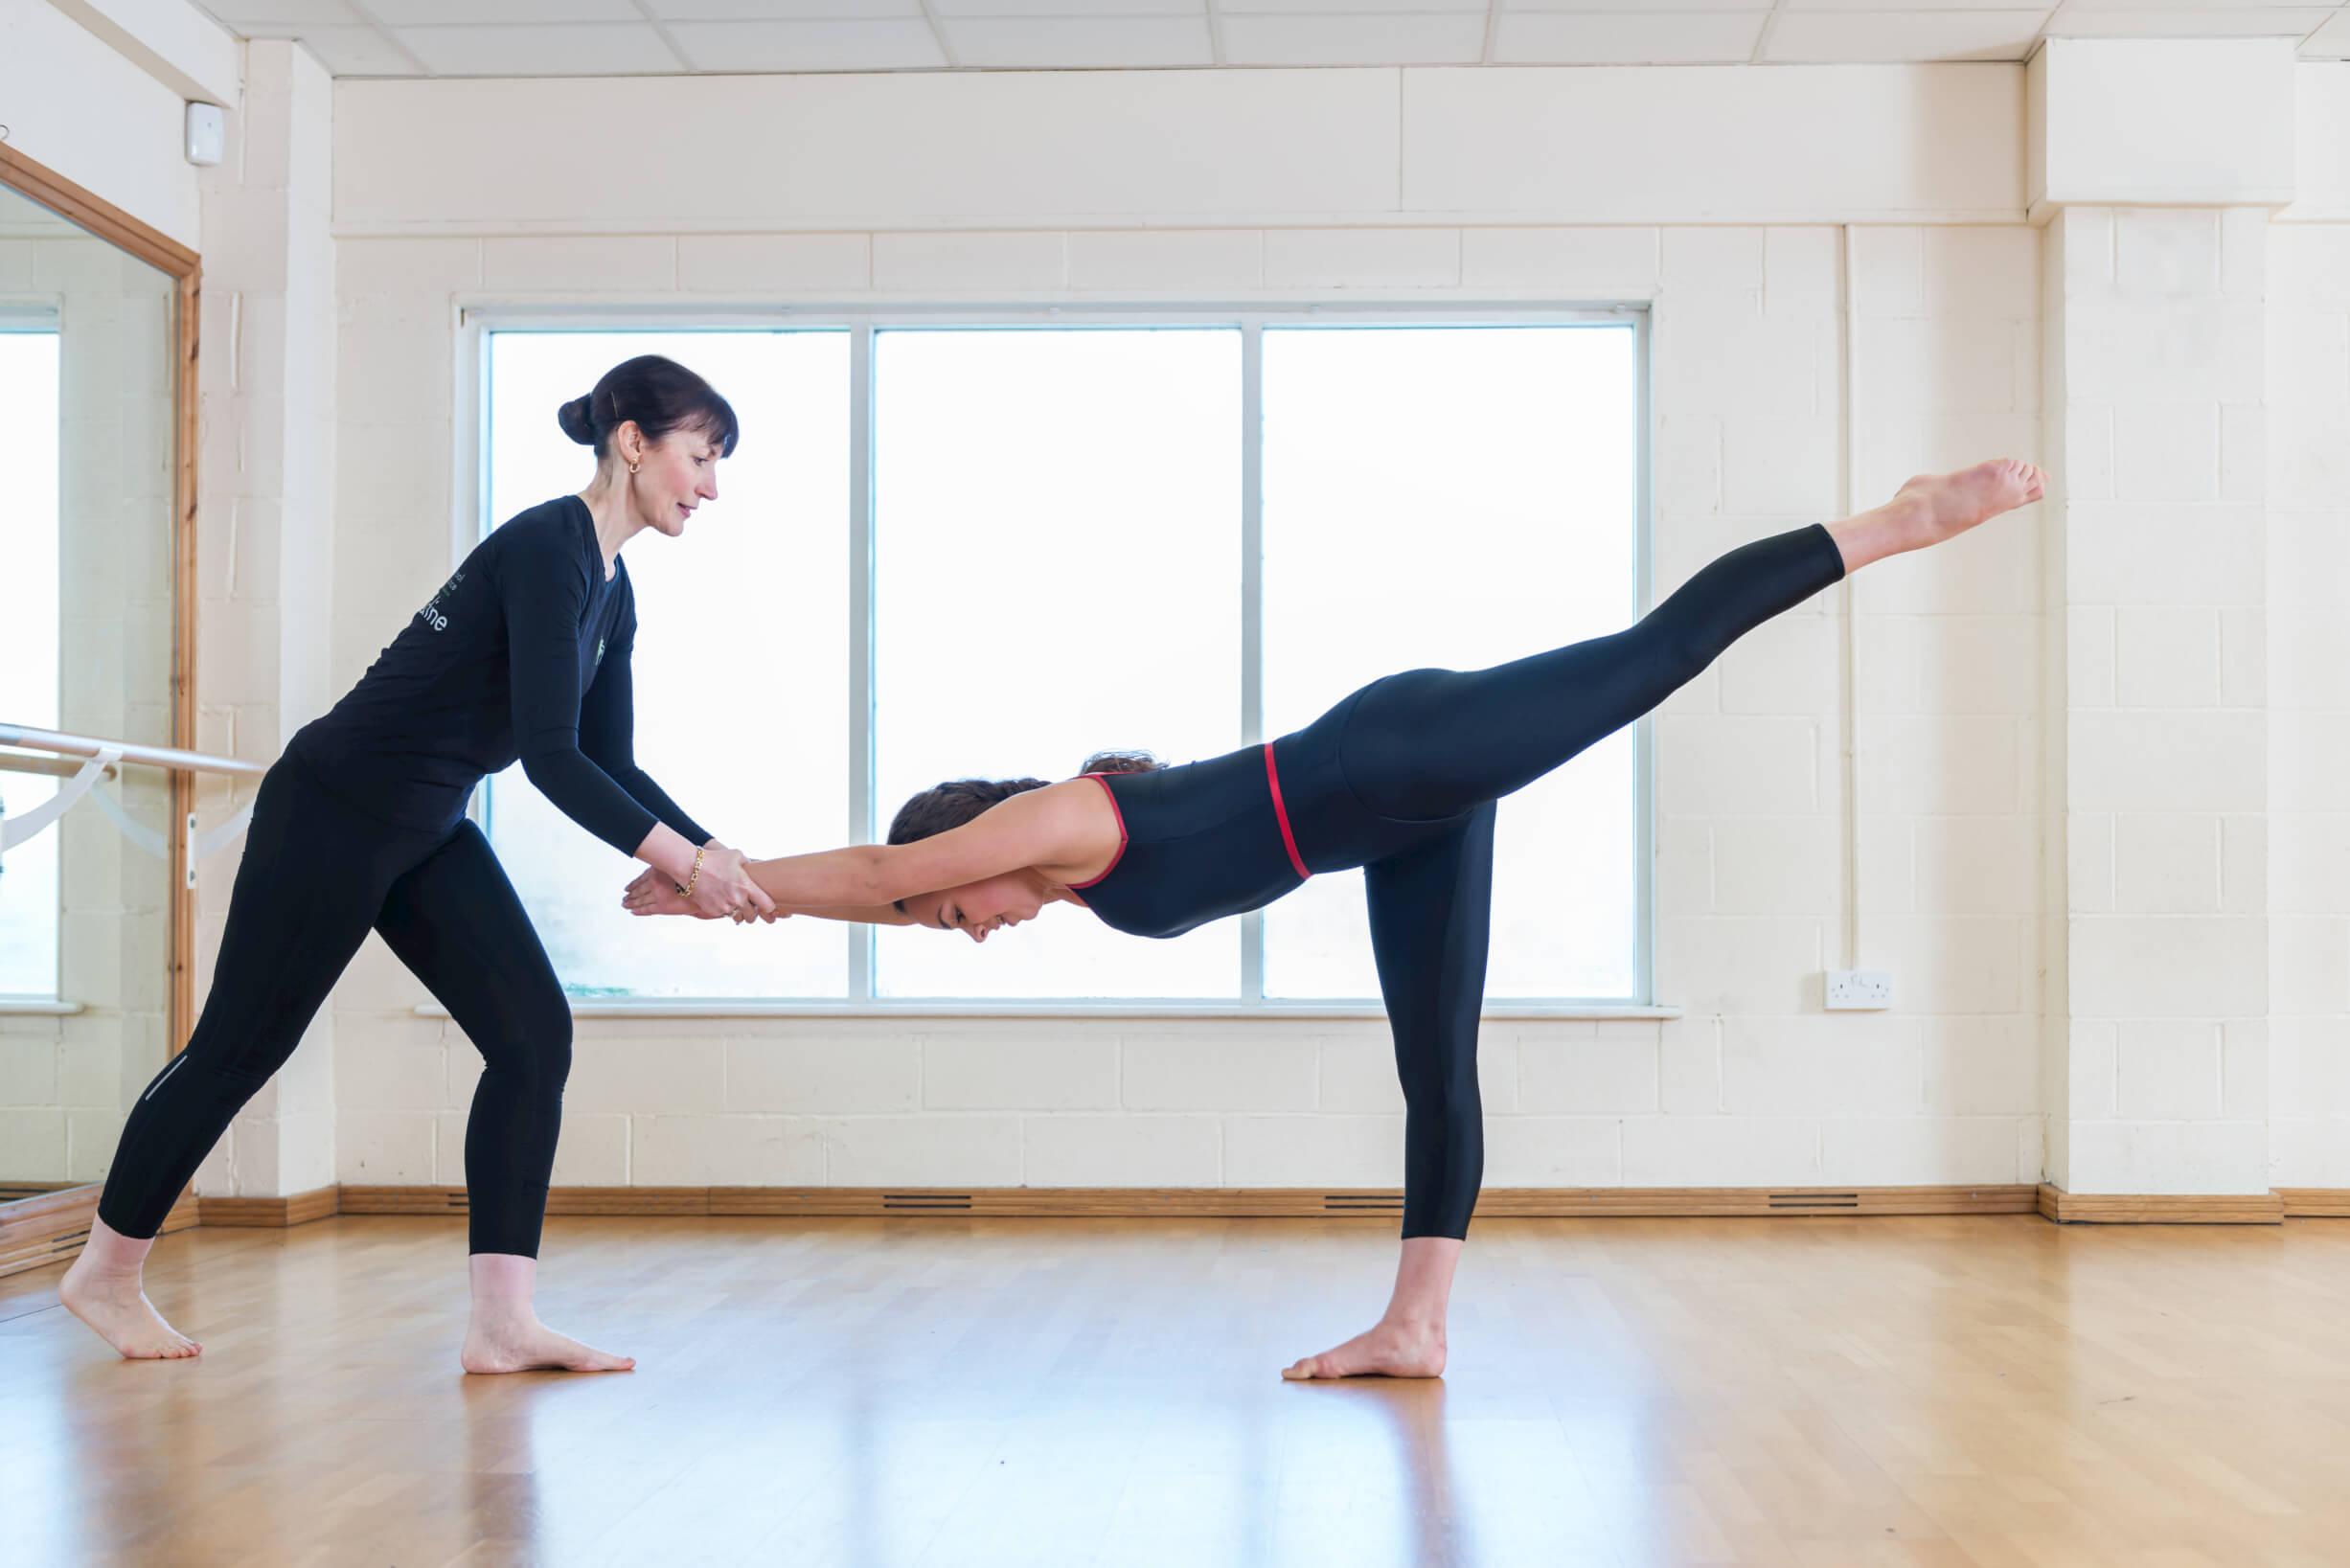 mondern-dance-class-solo-girl-and-teacher-rnsd-rutleigh-norris-school-of-dance.jpg